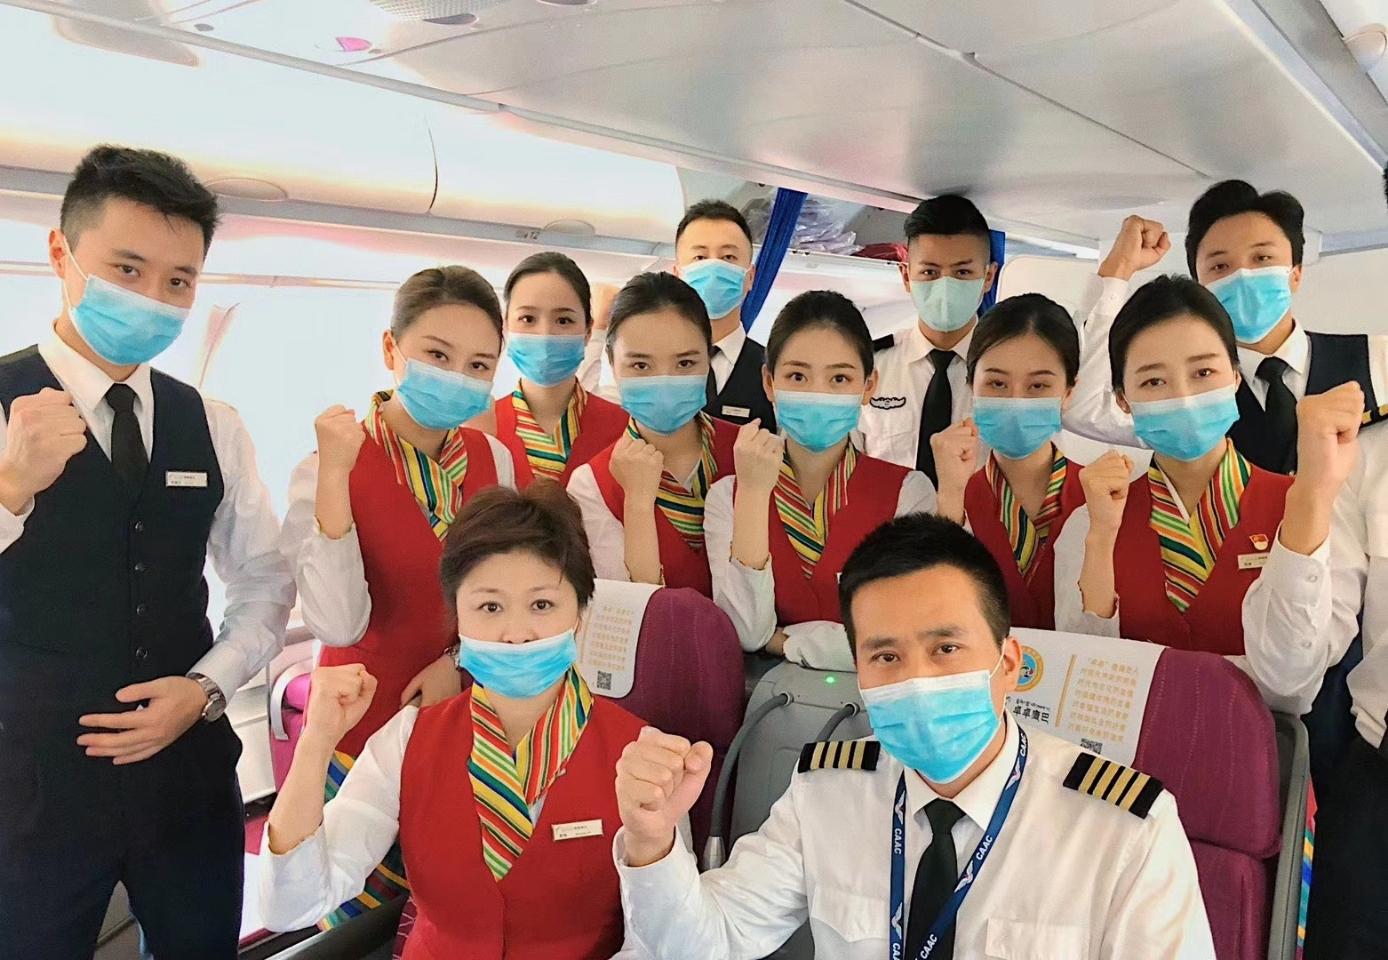 多措并举,西藏航空客舱服务部助力复工复产